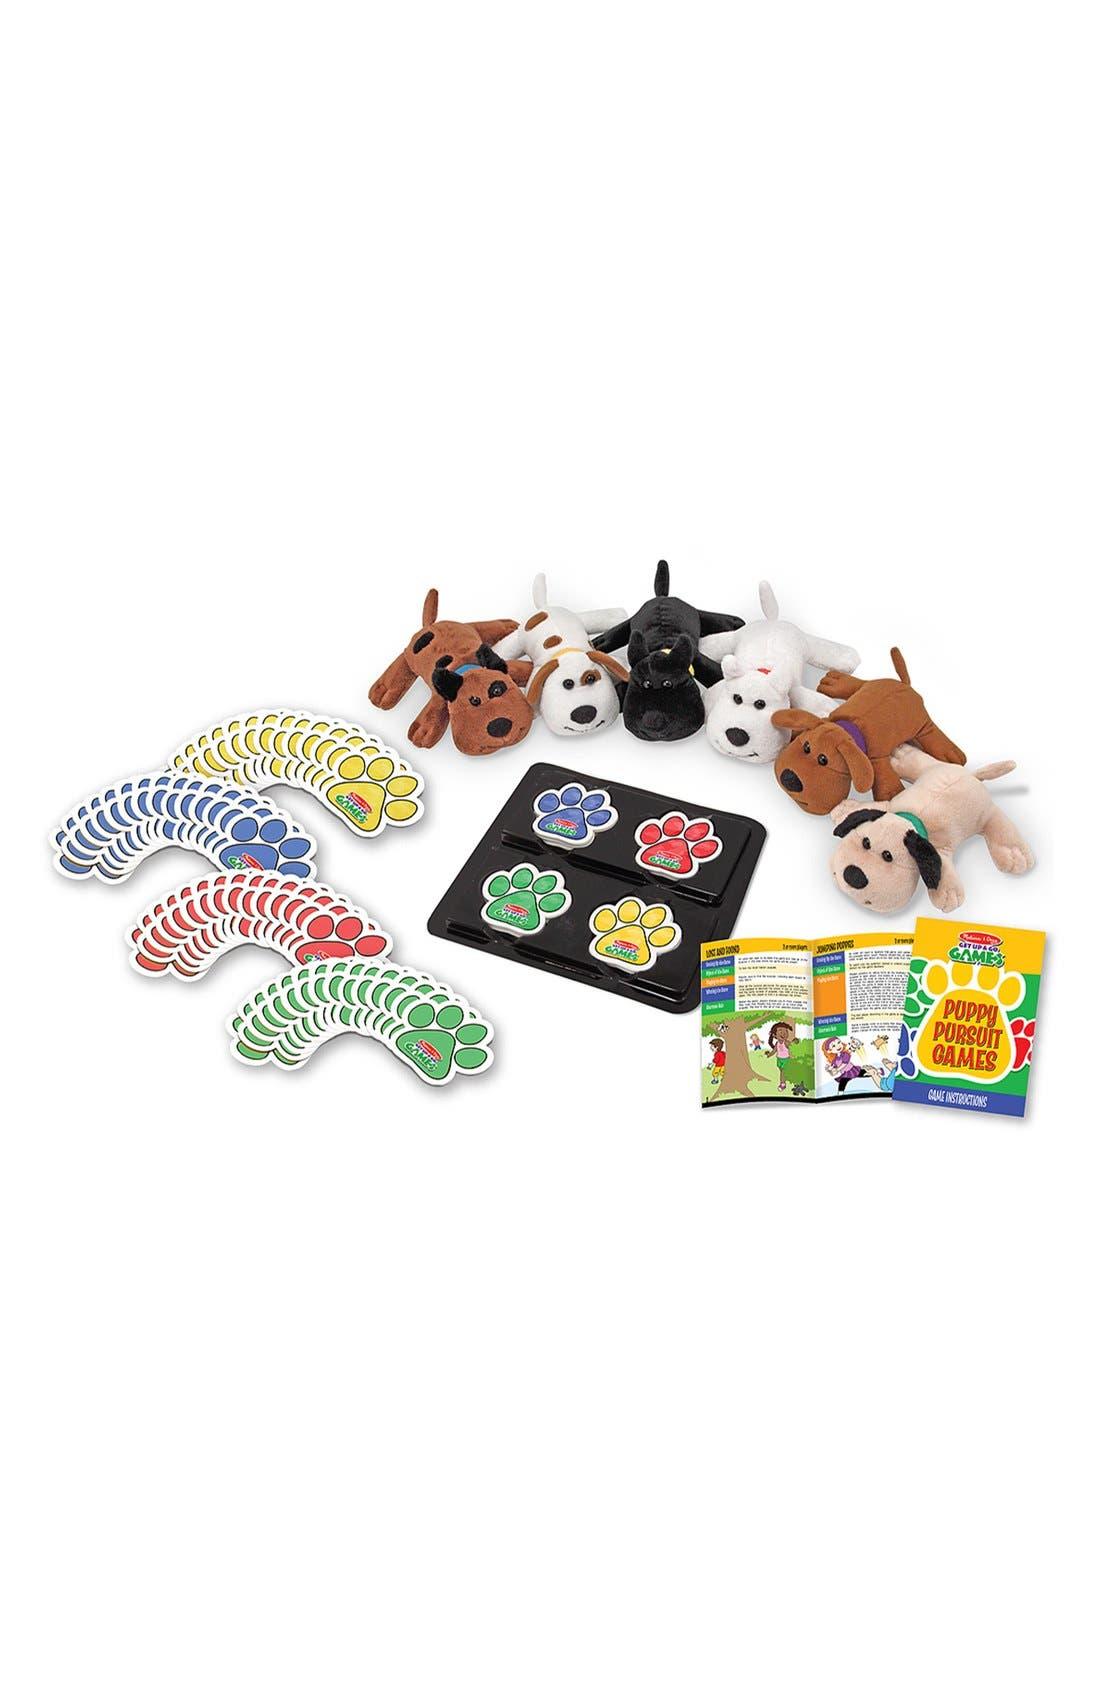 'Puppy Pursuit' Game Set,                         Main,                         color, 200